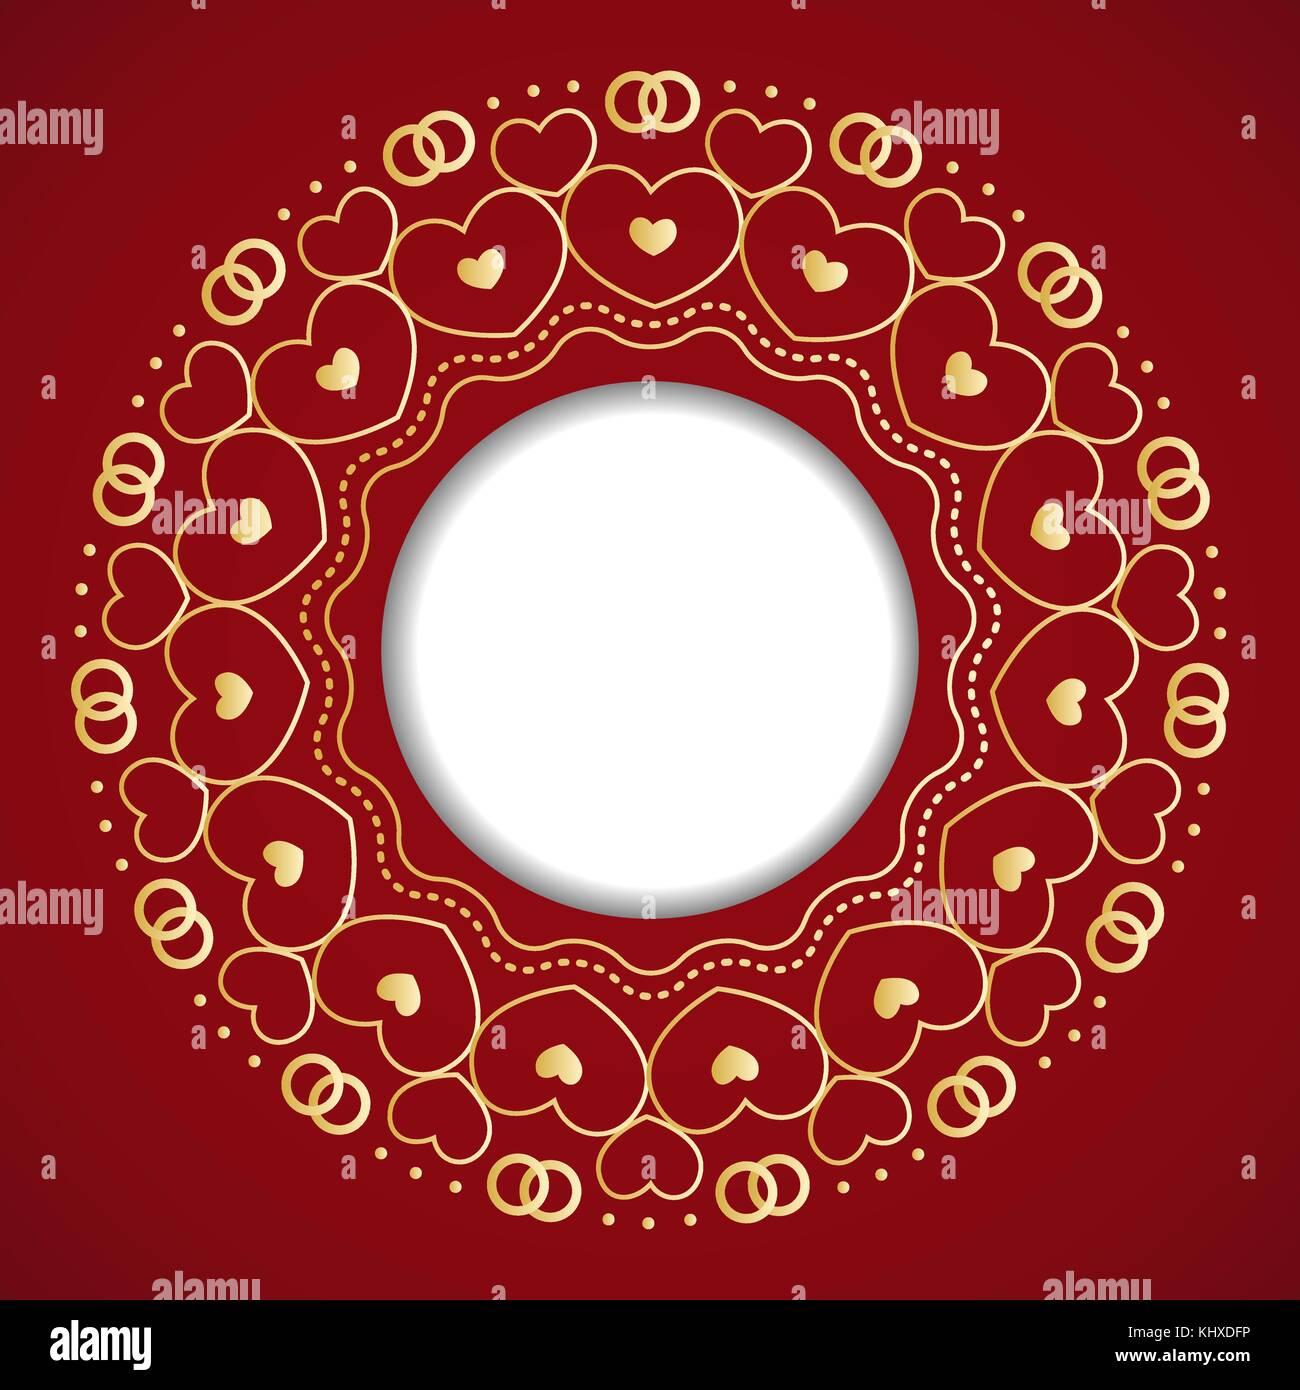 Runden Rahmen mit dekorativen Elementen. Hochzeit Karte mit Gold hea ...